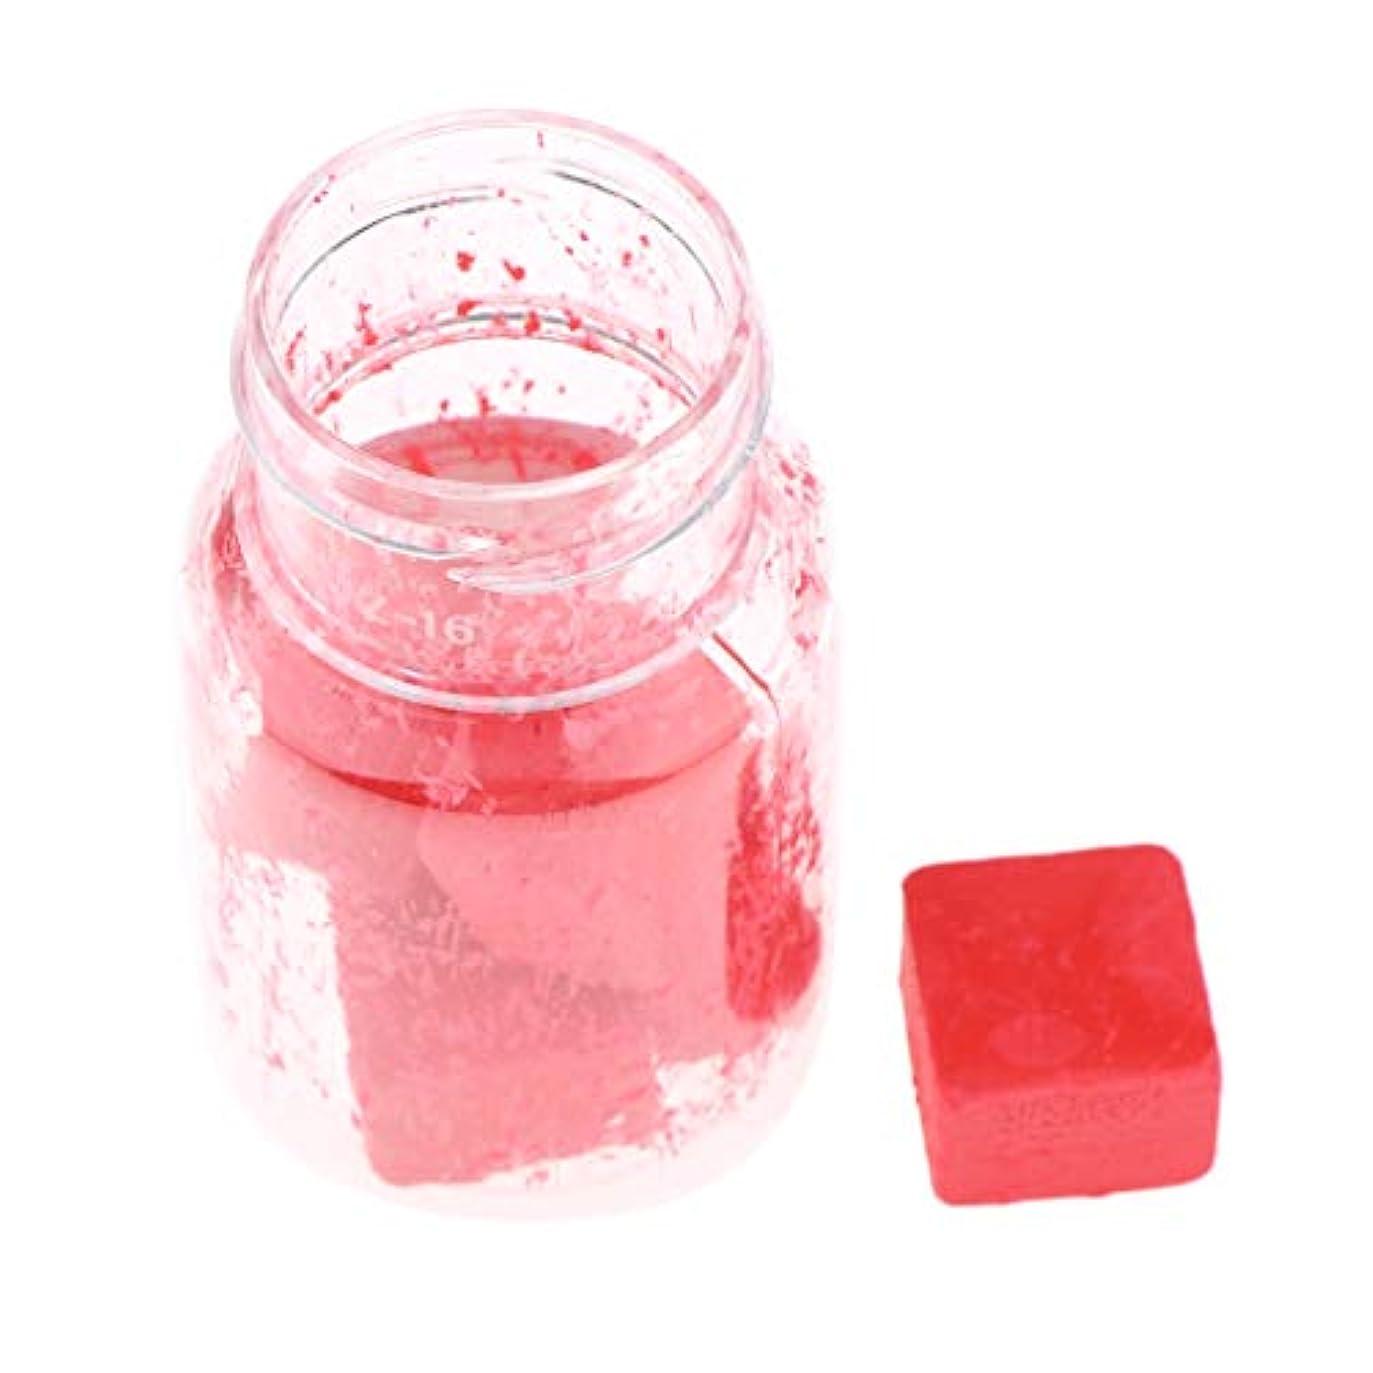 クラックポット臭い人類Sharplace DIY 口紅作り 顔料 リップスティック作り 赤面原料 無粉砕 無飛翔粉末 工芸 全9色 - I